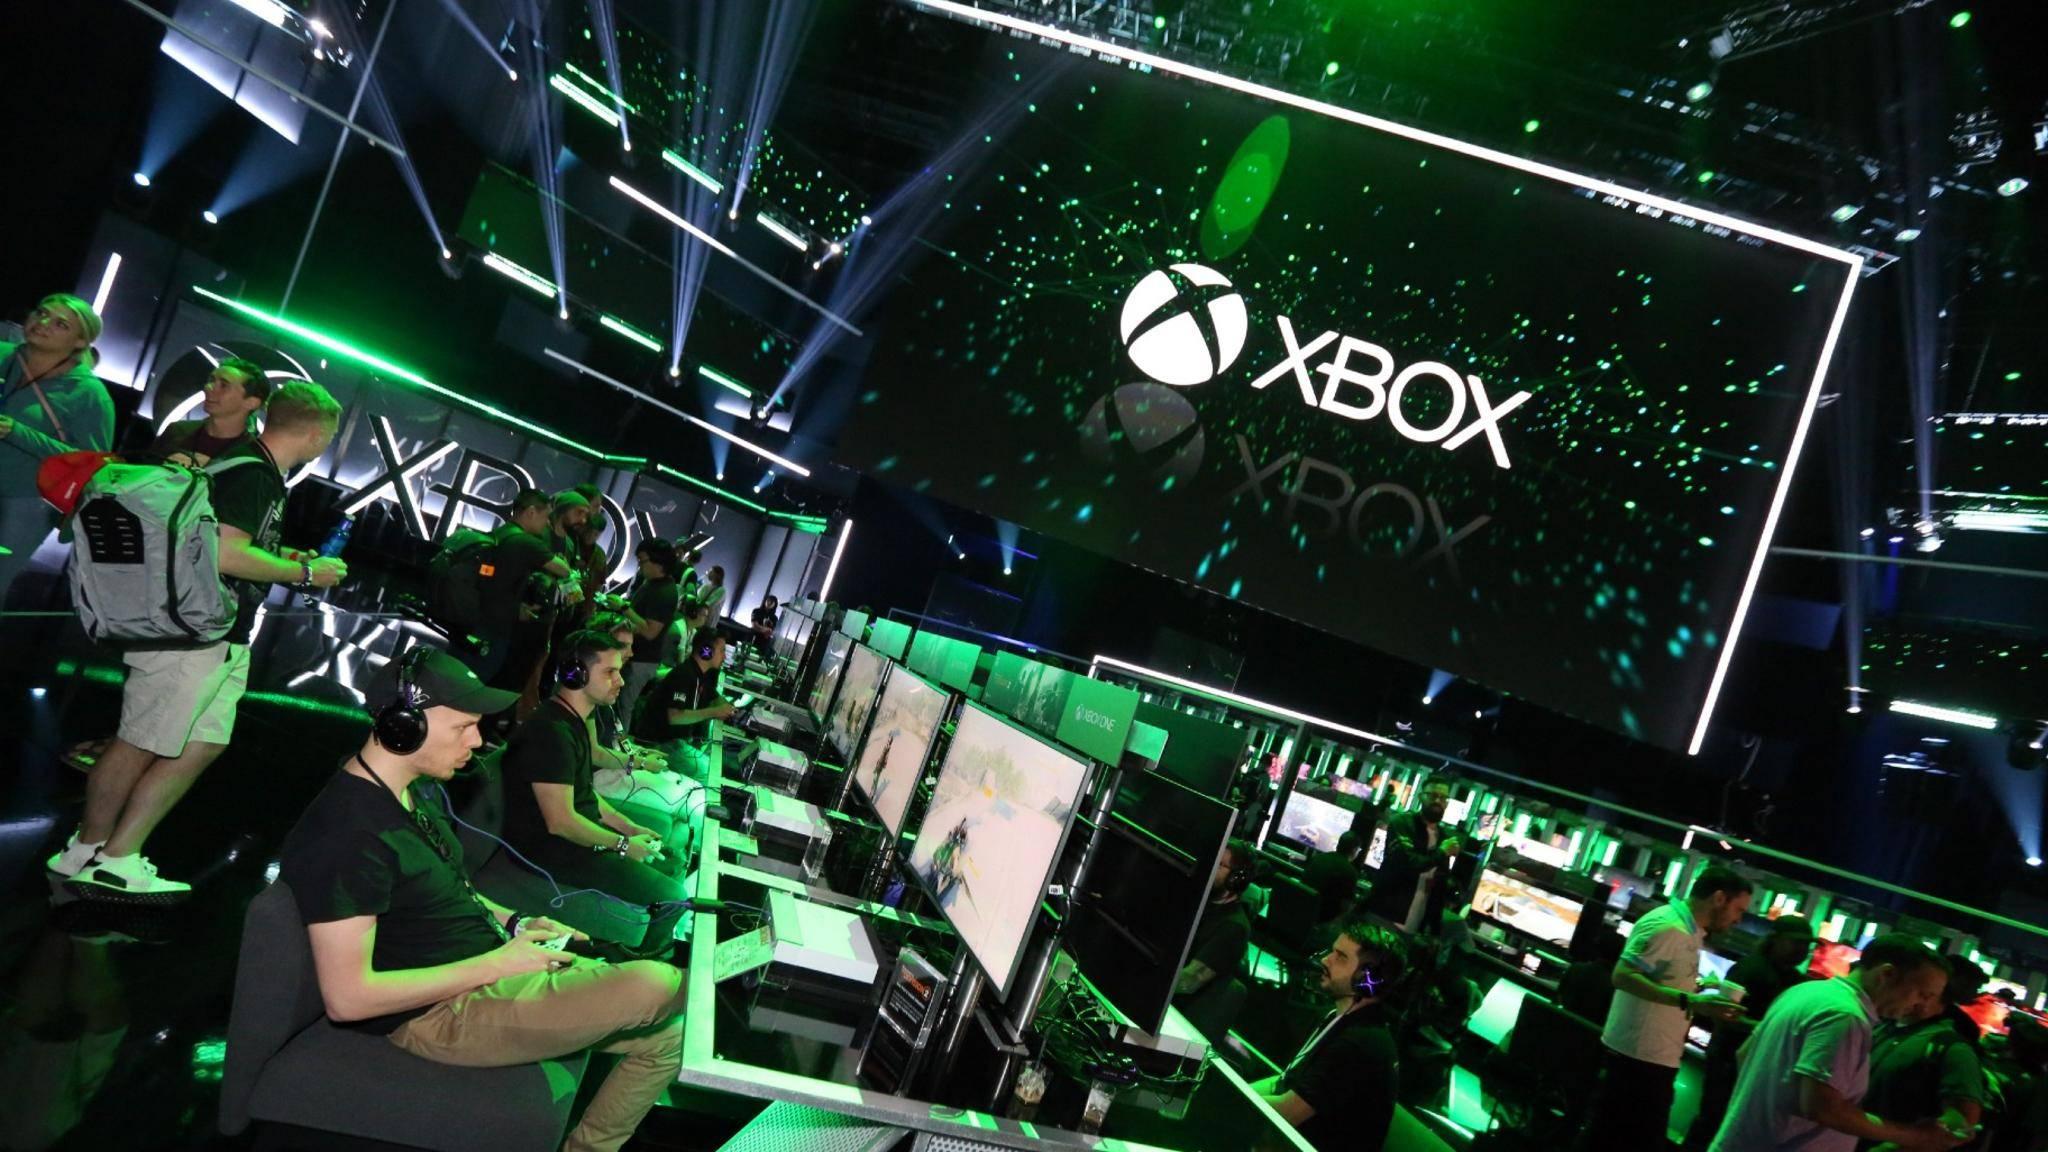 Bevor Microsoft demnächst selbst über die nächste Xbox spricht, sickern schon einmal ein paar spektakuläre Details durch ...